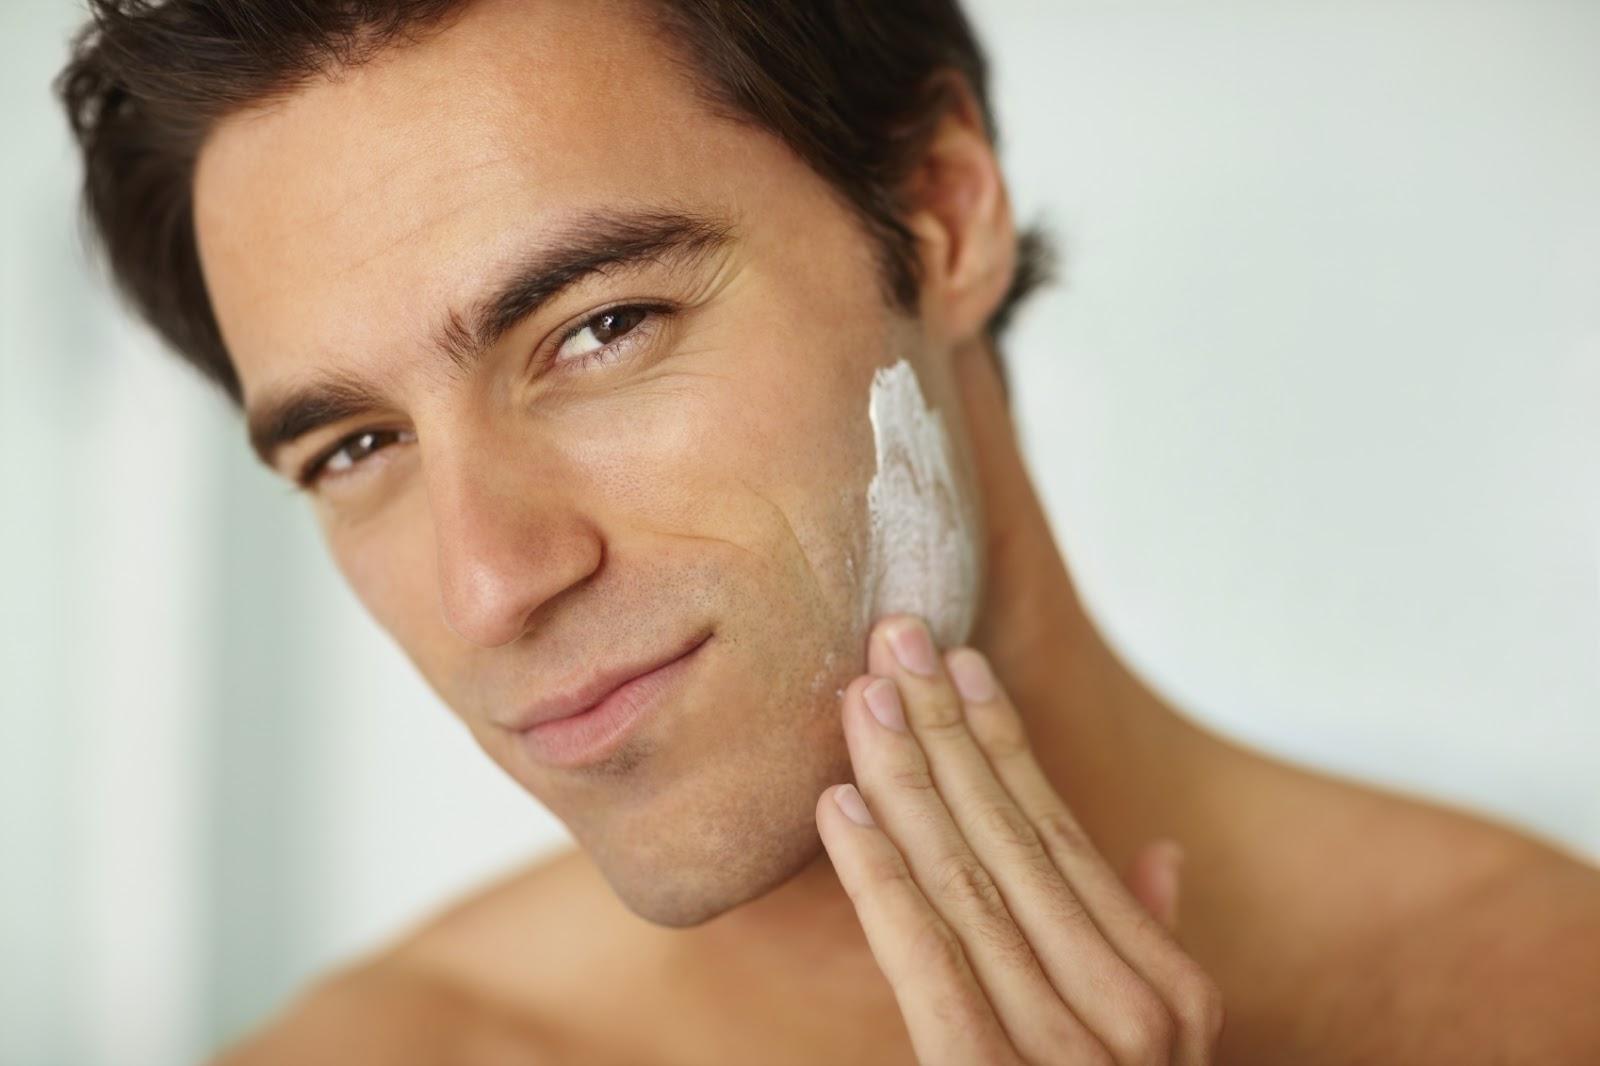 Уход за мужским лицом: уход за кожей лица, выбор мужской косметики и средств по уходу